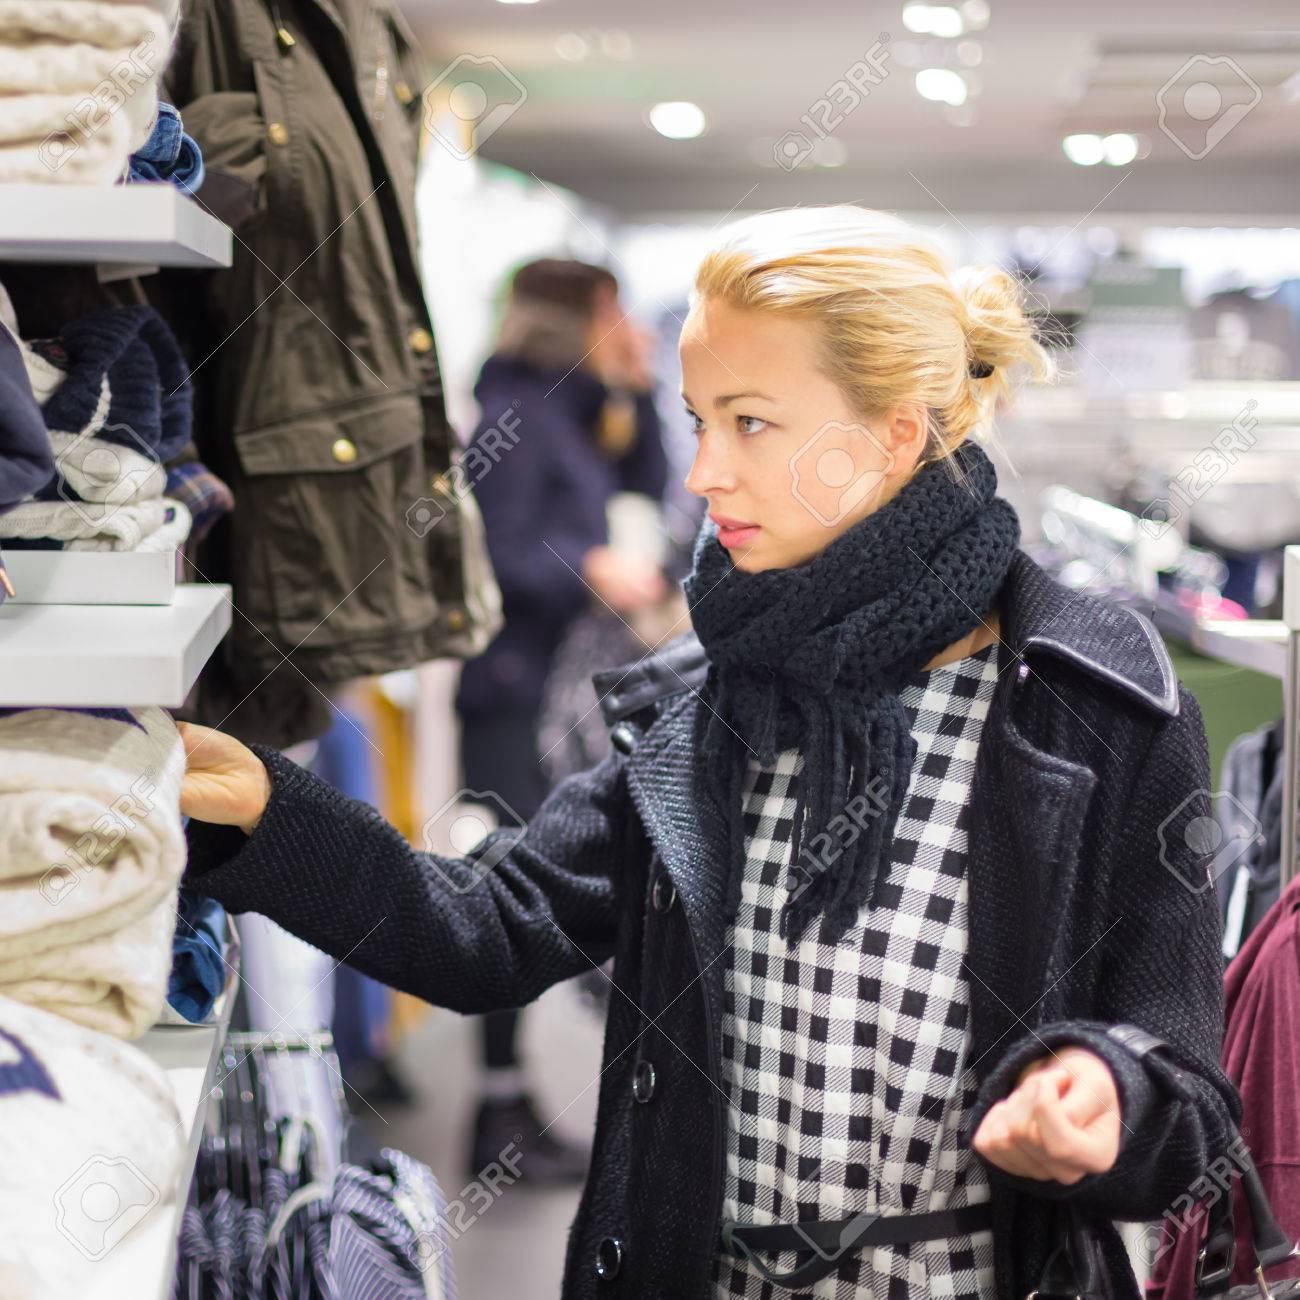 https://previews.123rf.com/images/kasto/kasto1507/kasto150700174/42995813-v%C3%AAtements-femme-commerciaux-shopper-en-regardant-%C3%A0-l-int%C3%A9rieur-de-v%C3%AAtements-en-magasin-beau-mod%C3%A8le-femme-ca.jpg